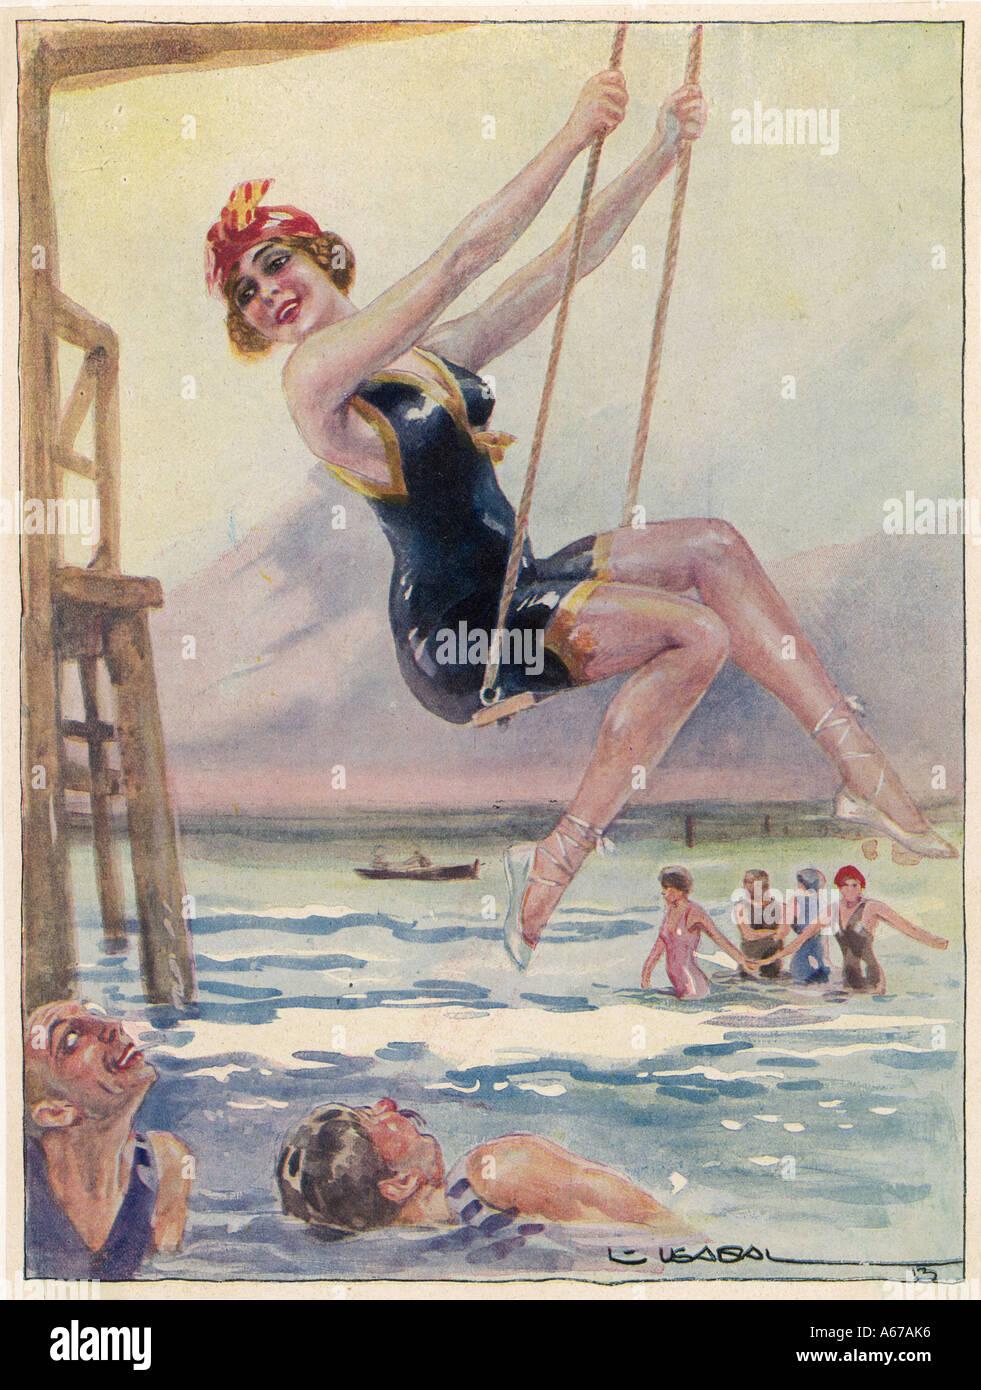 Balancearse por el mar Imagen De Stock